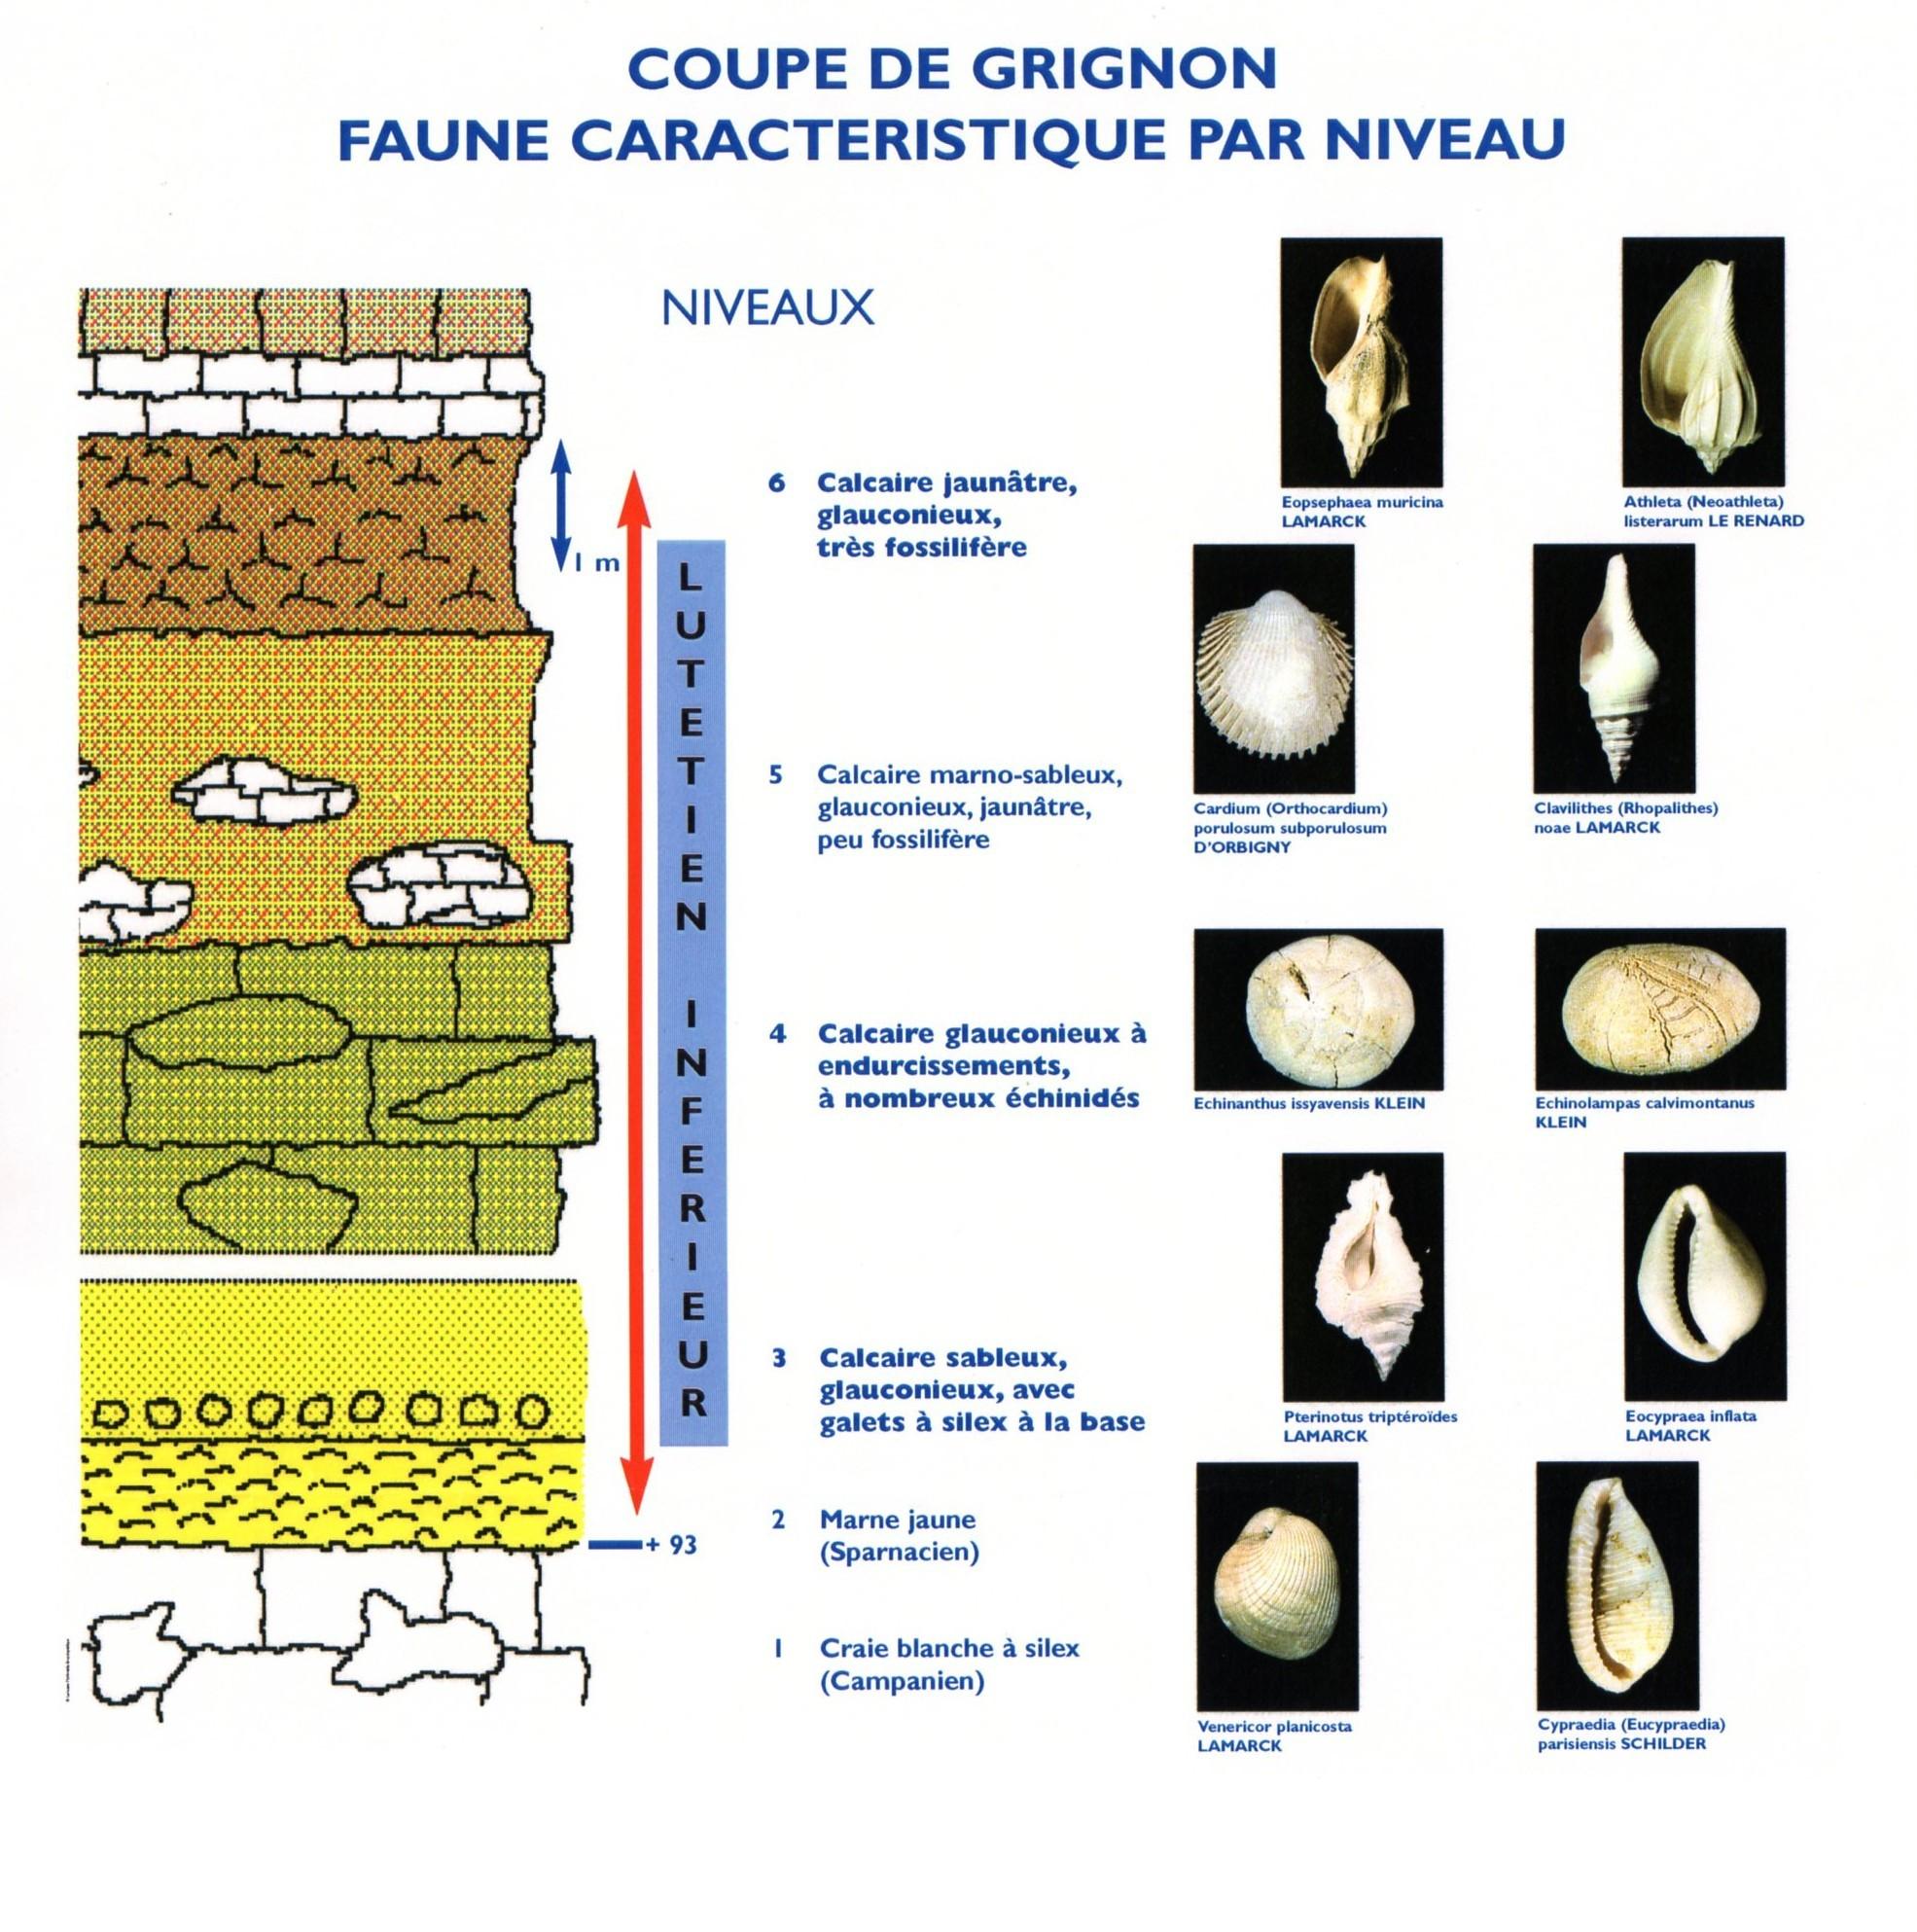 Coupe de Grignon, Lutétien inférieur